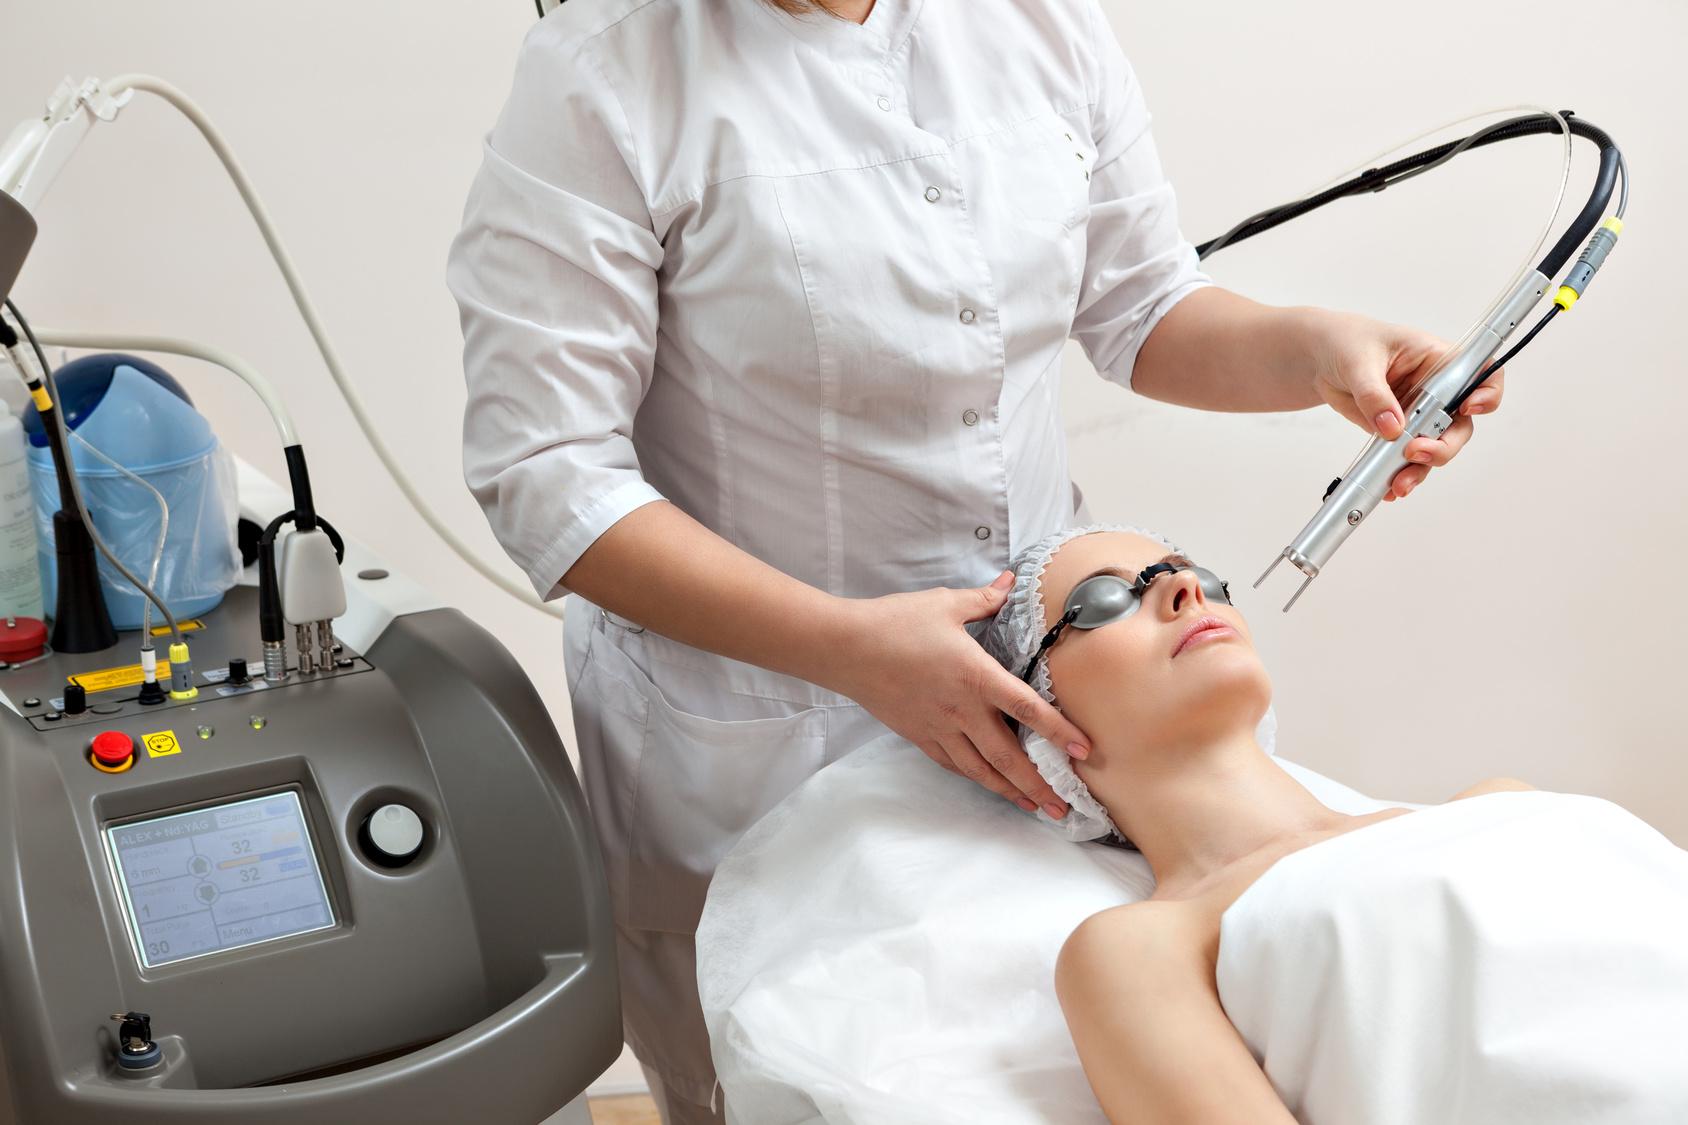 köpa laser hårborttagning